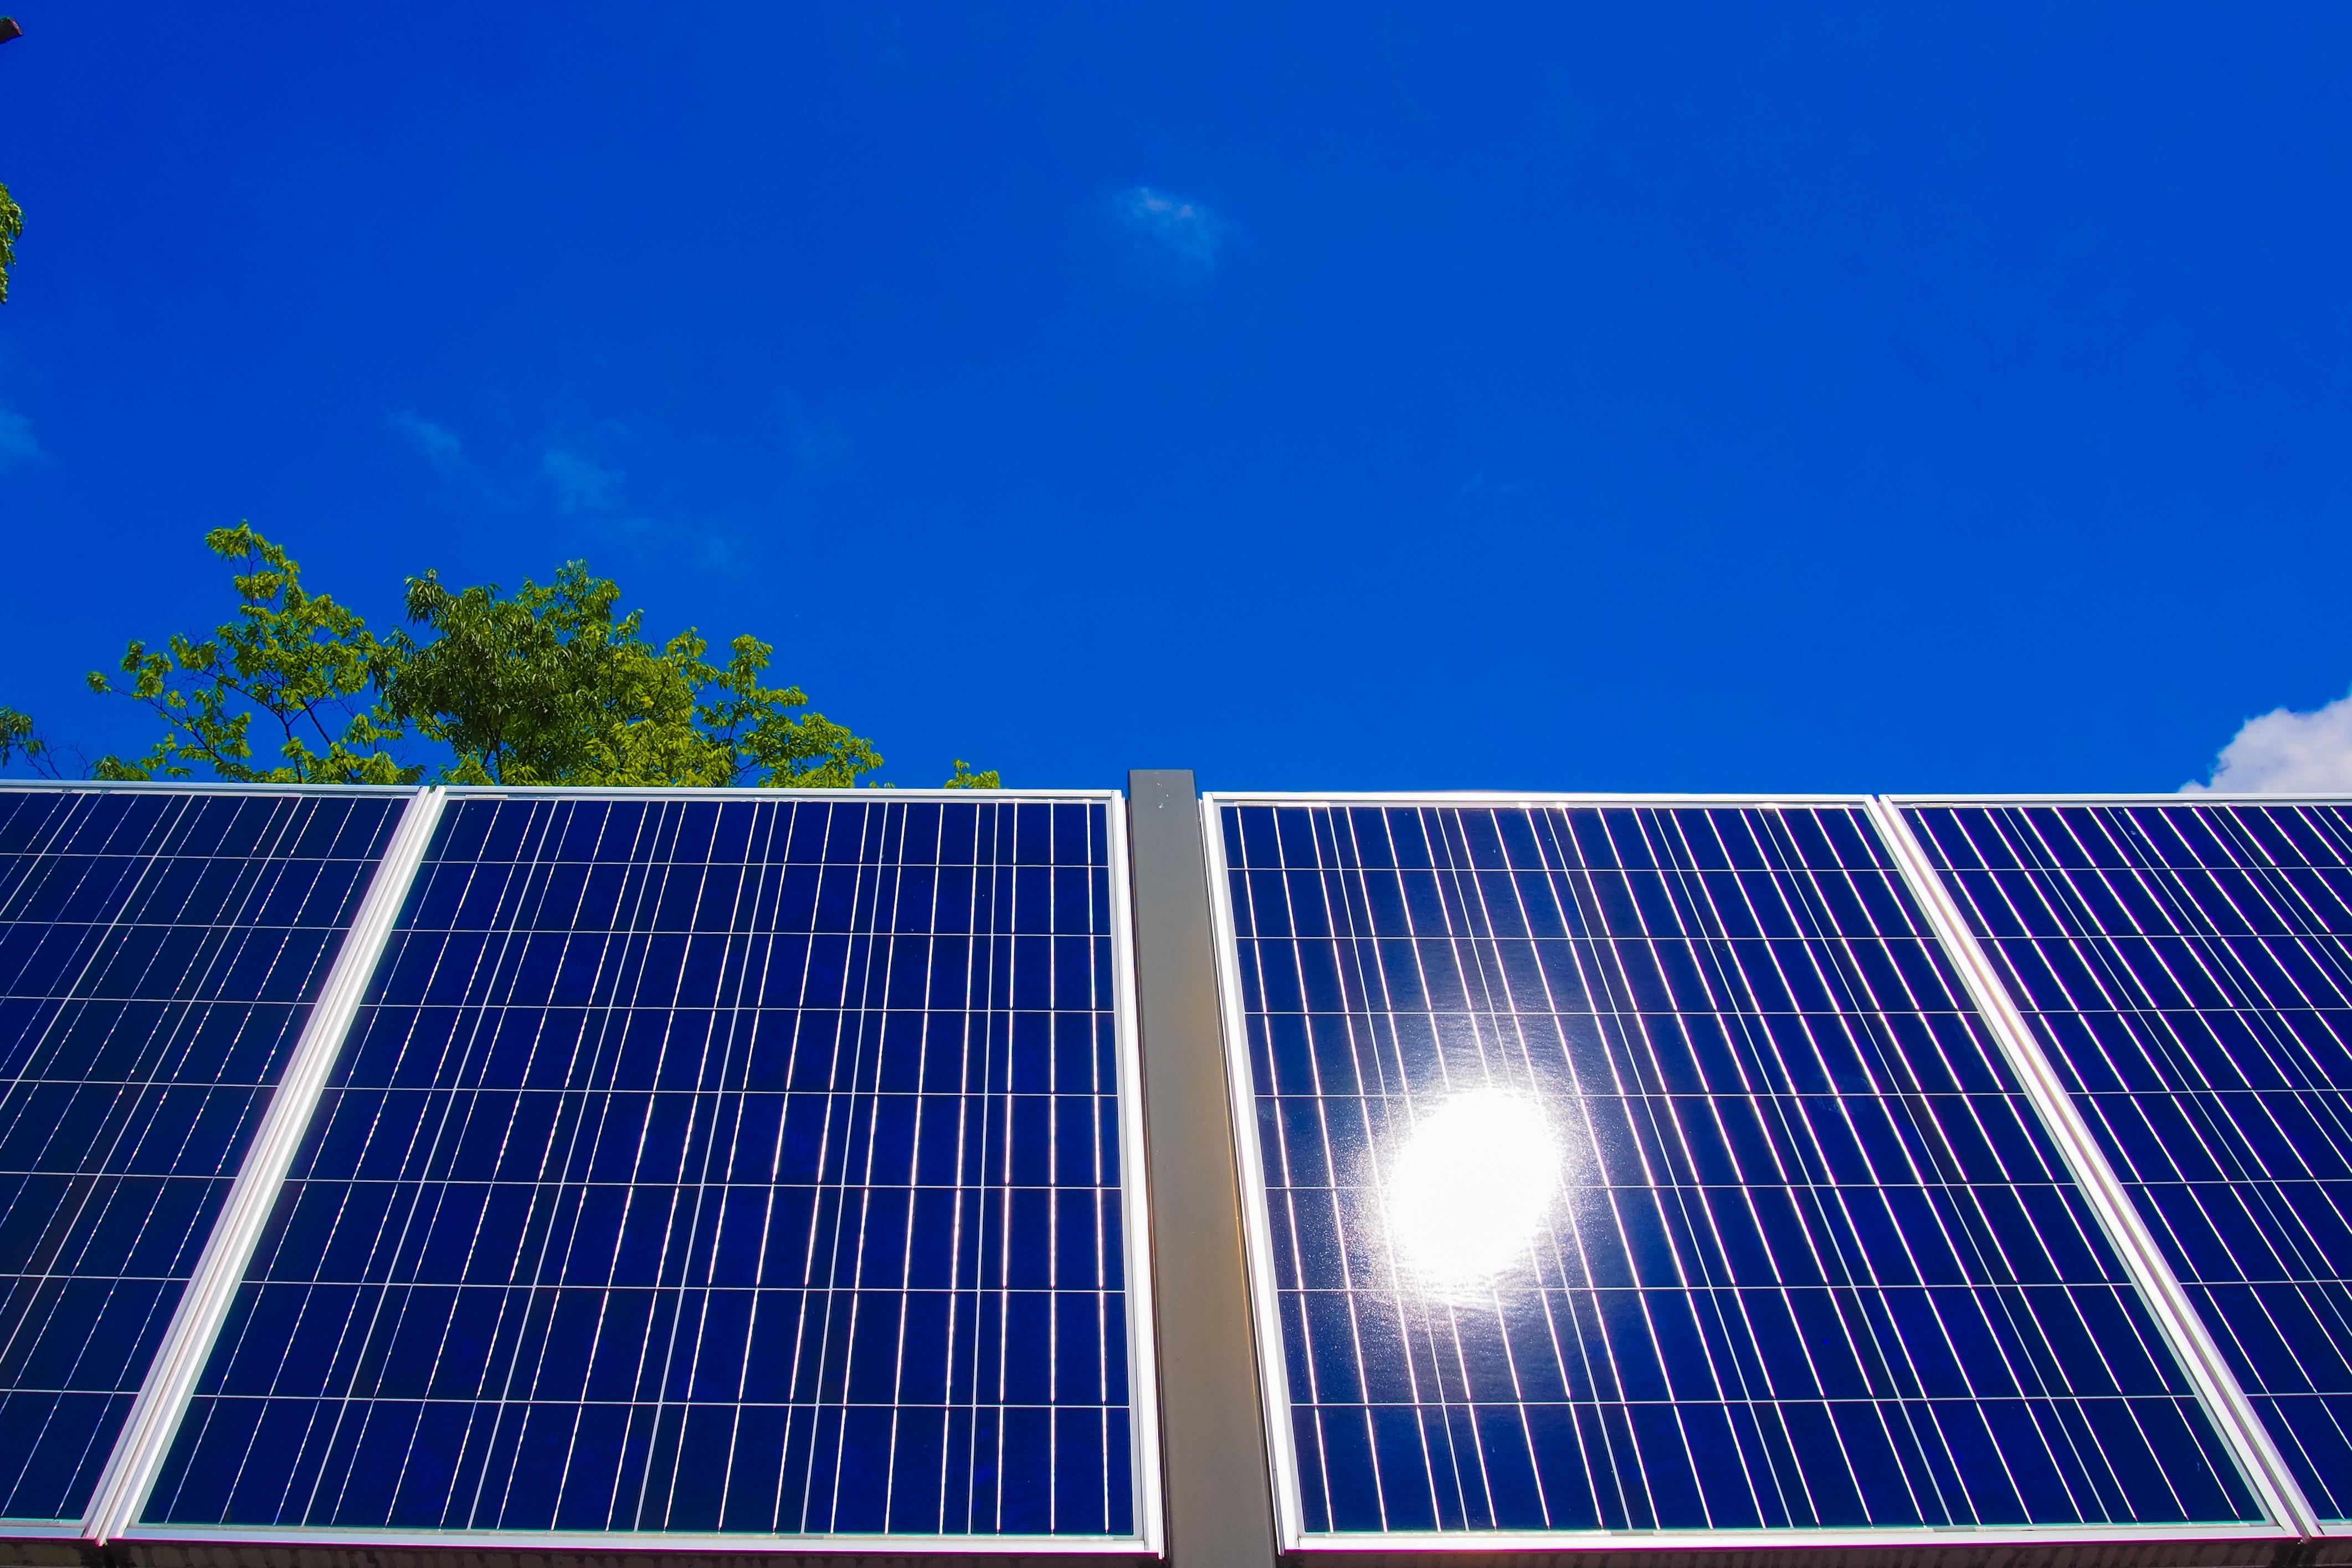 梅雨・夏の電気代比較~太陽光発電システムを採用した場合